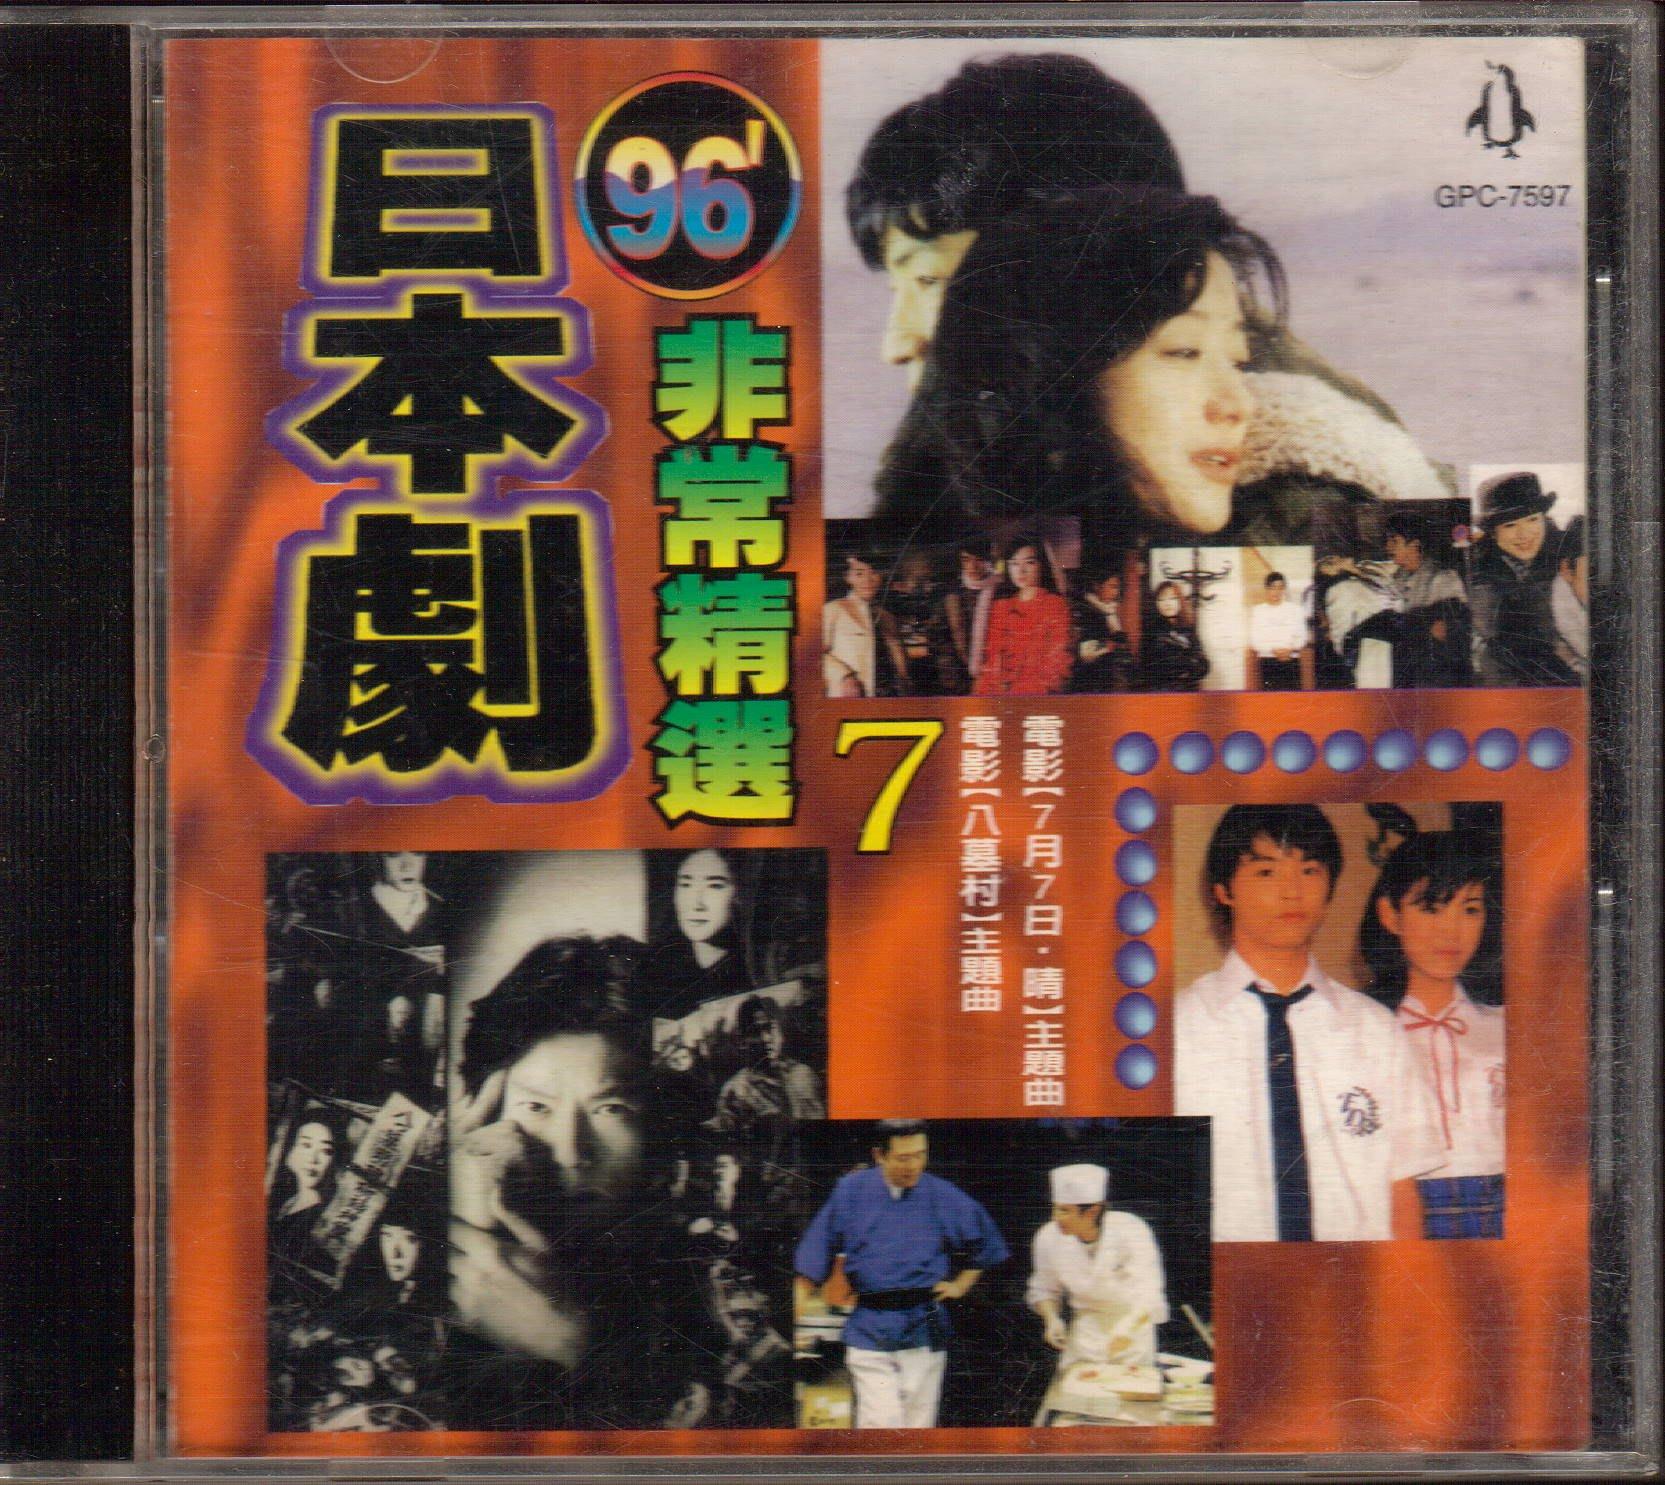 日本合輯CD - 日本劇96非常精選.。(久保田利伸. 近藤真彥 米光美保. 織田裕二...)